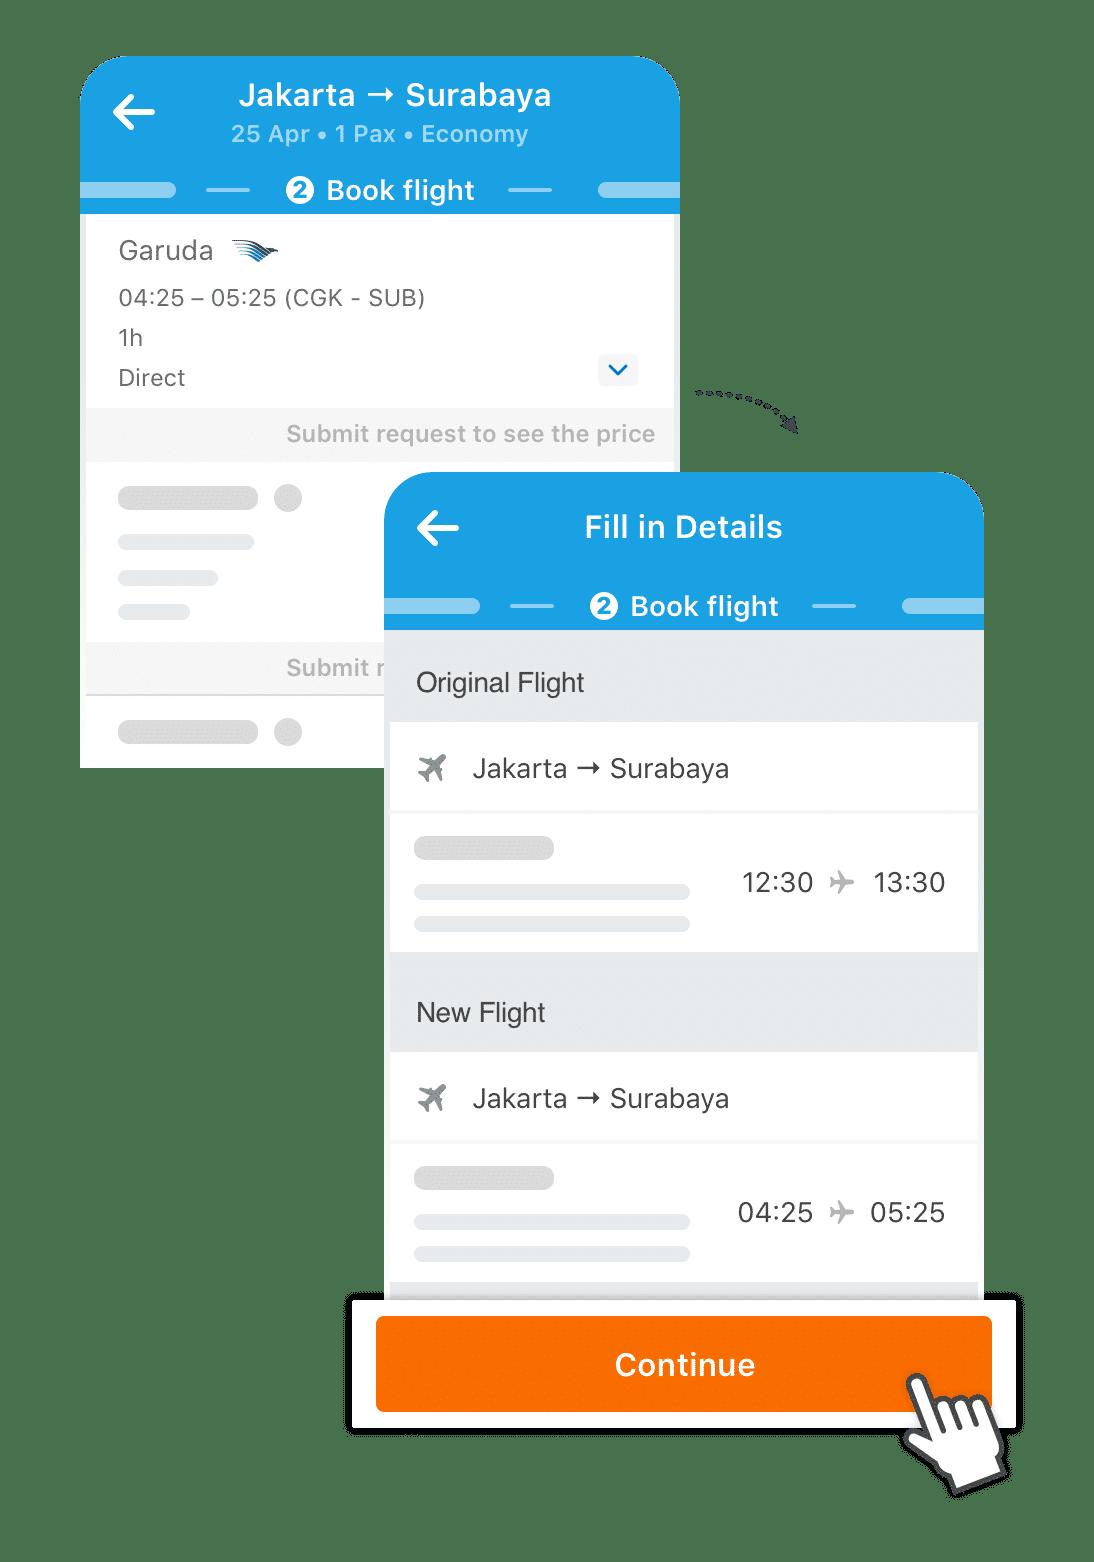 Choose a new flight schedule